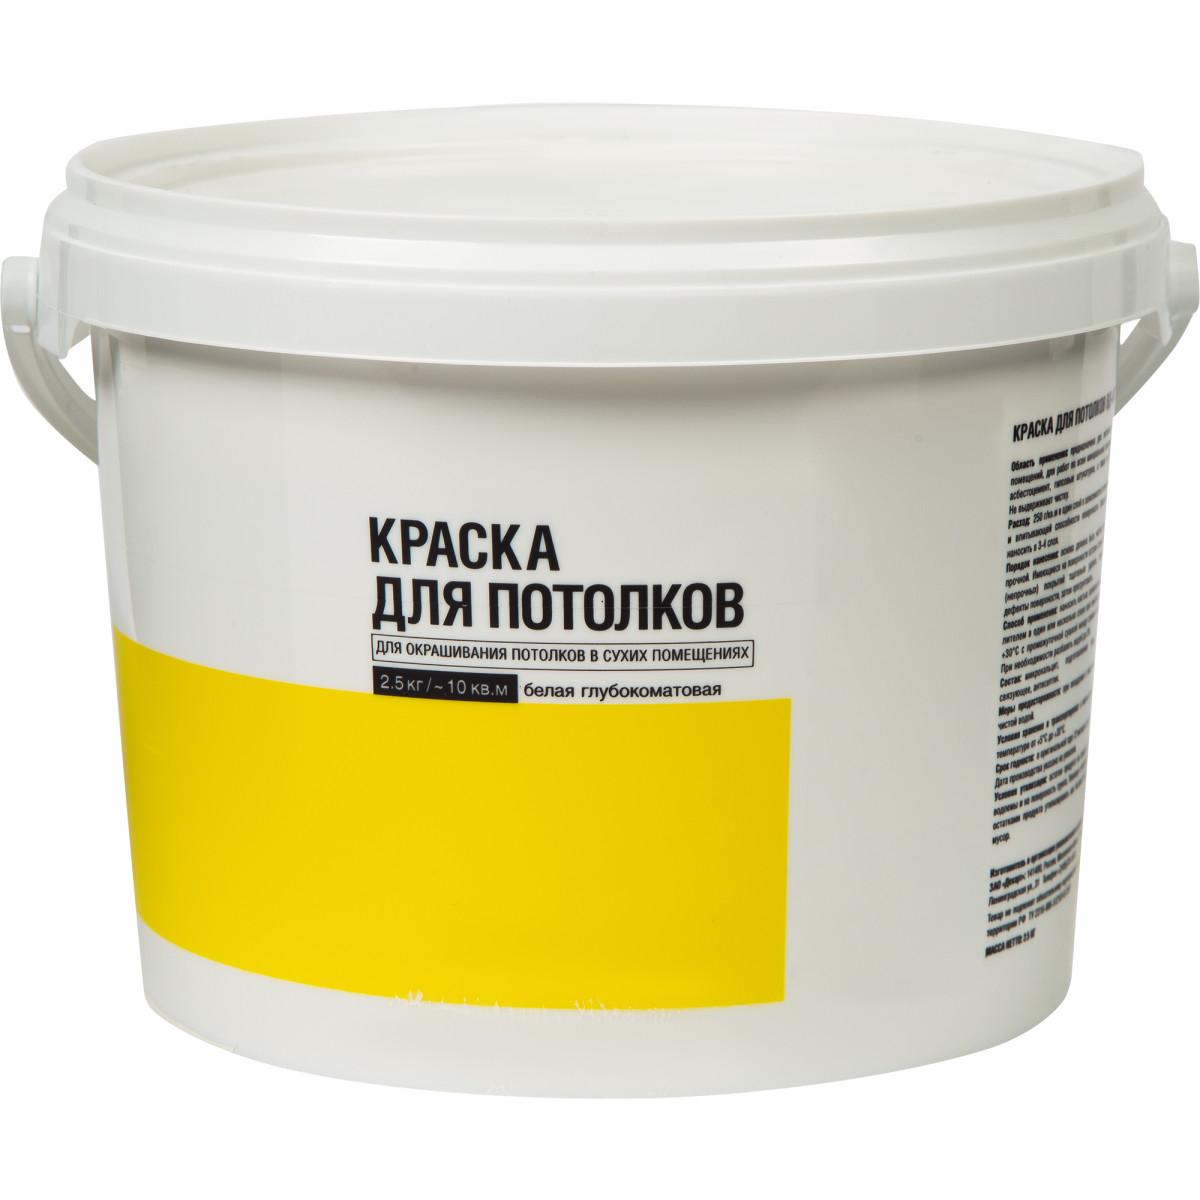 Купить краску по бетону в леруа мерлен цена песок строительный для раствора гост